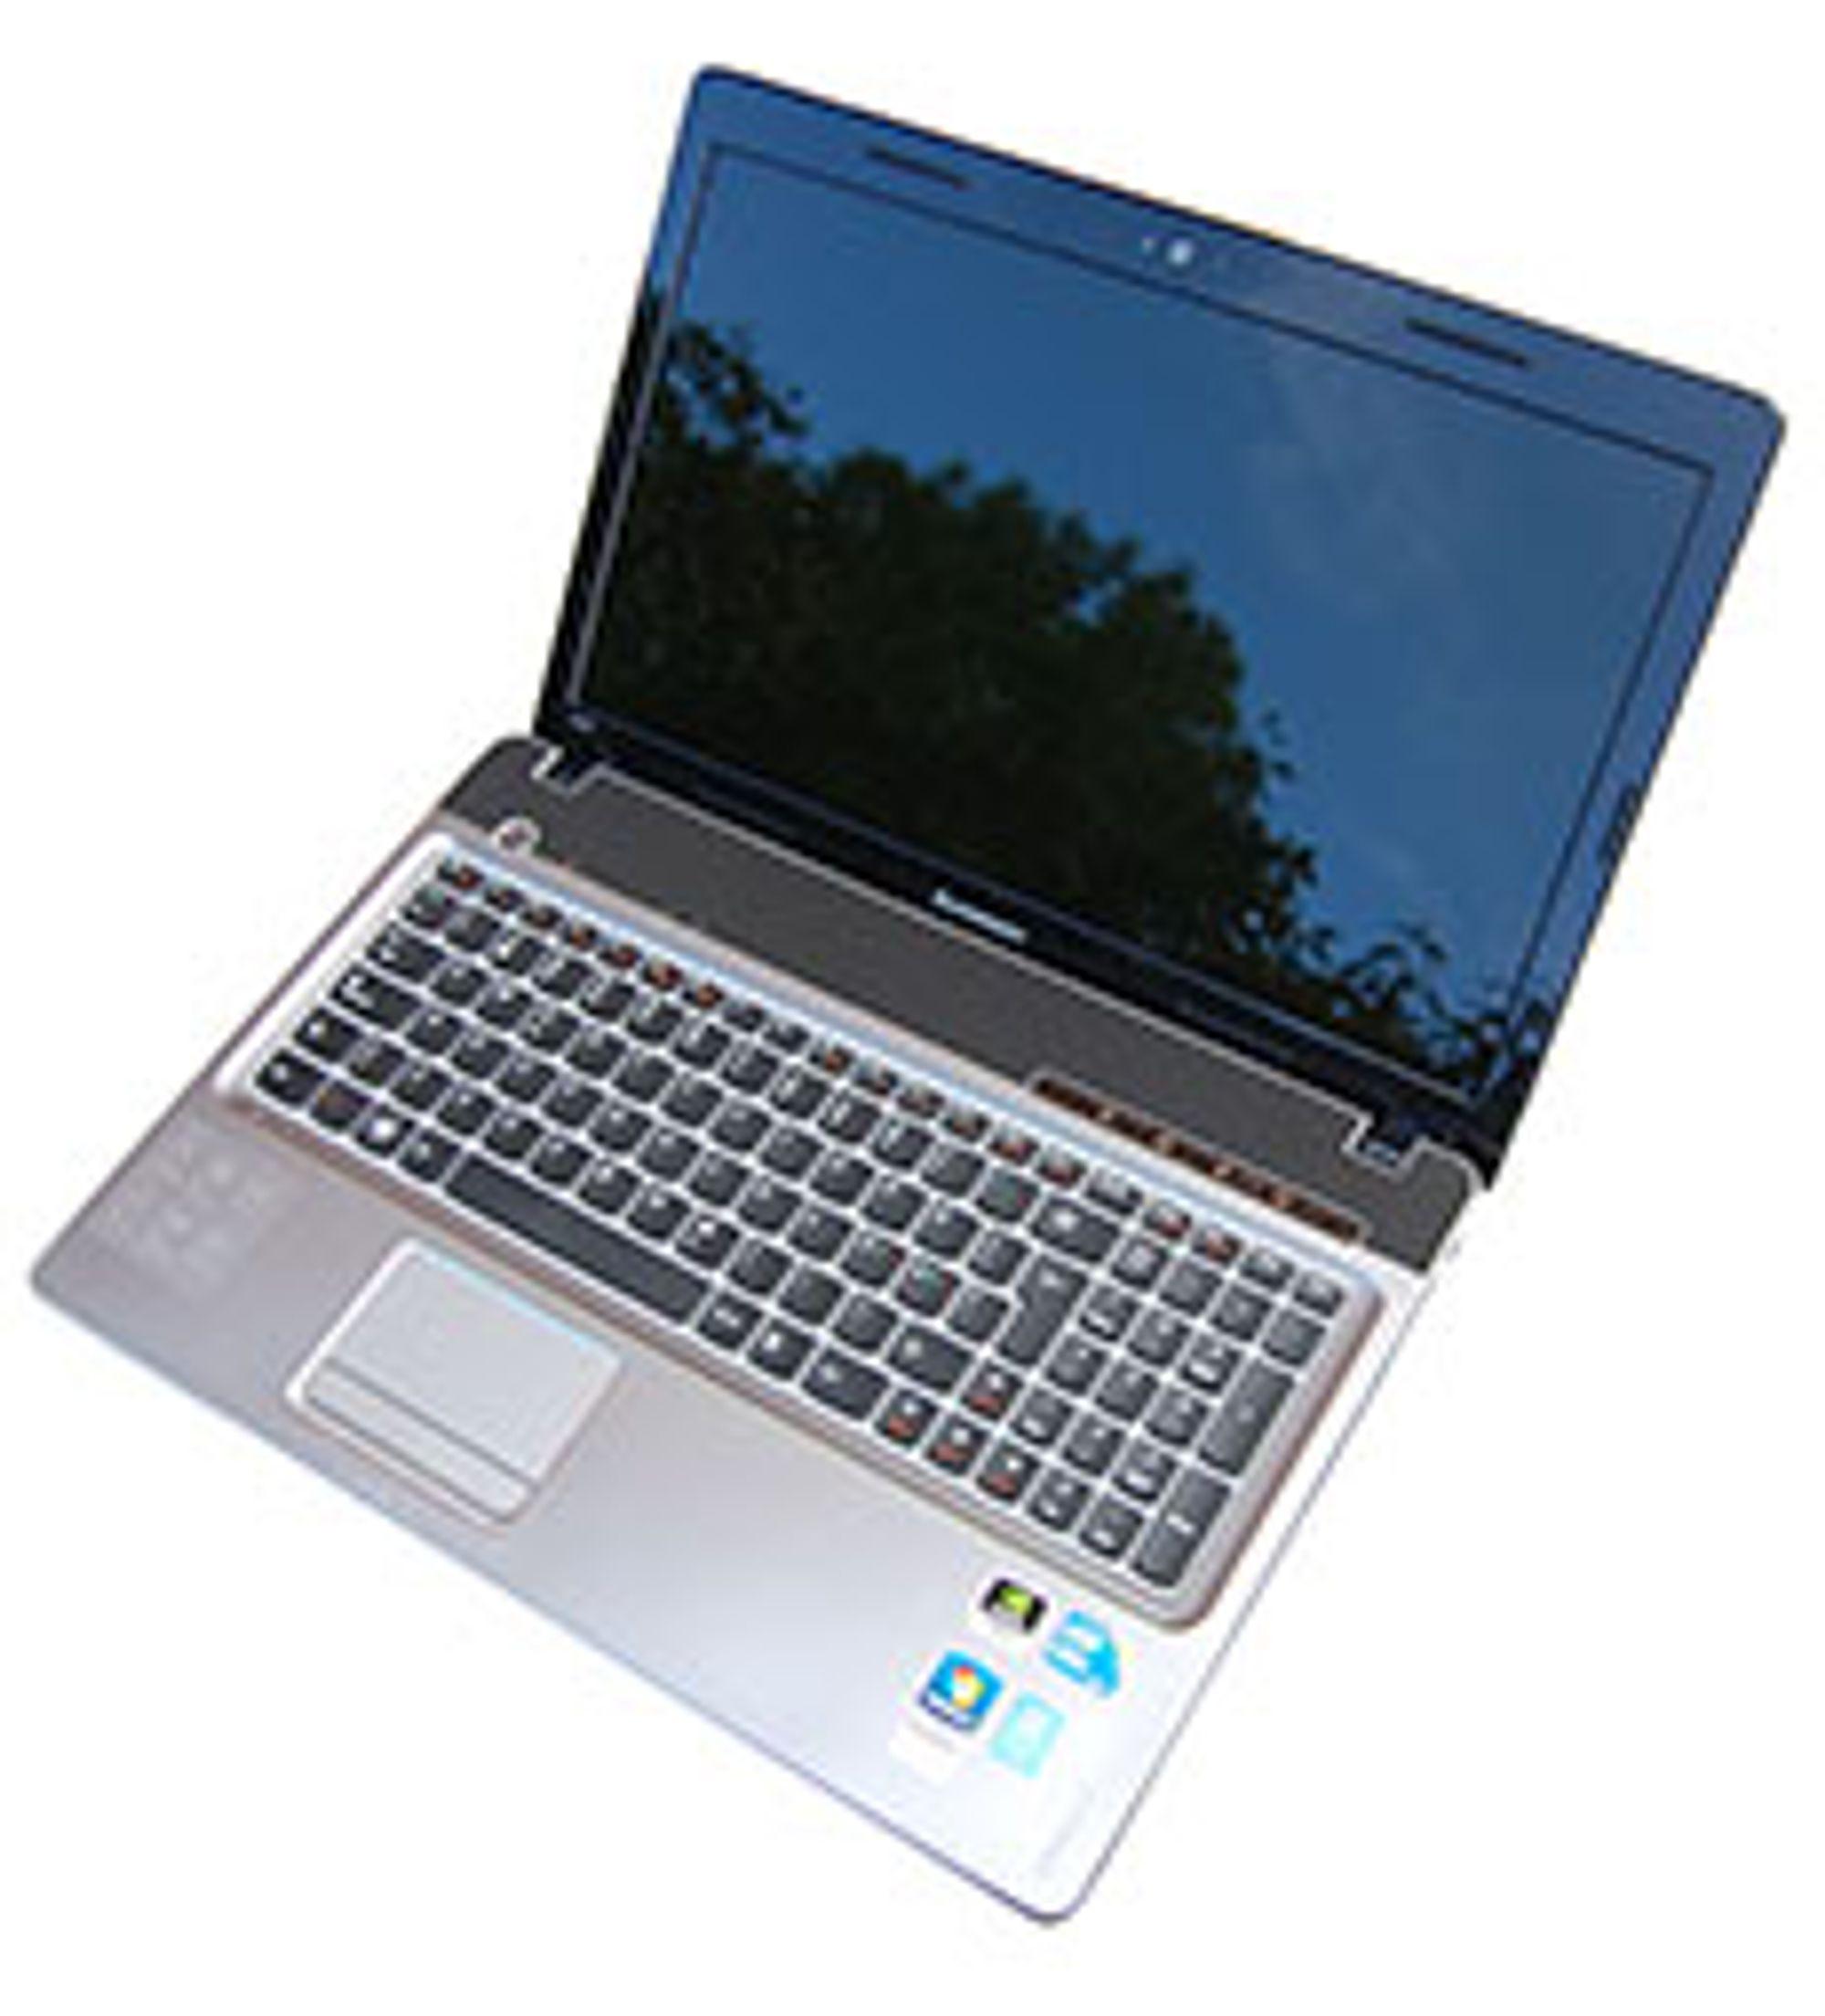 Lenovo Ideapad Z560 er førstemann ut på den nye testbenken!